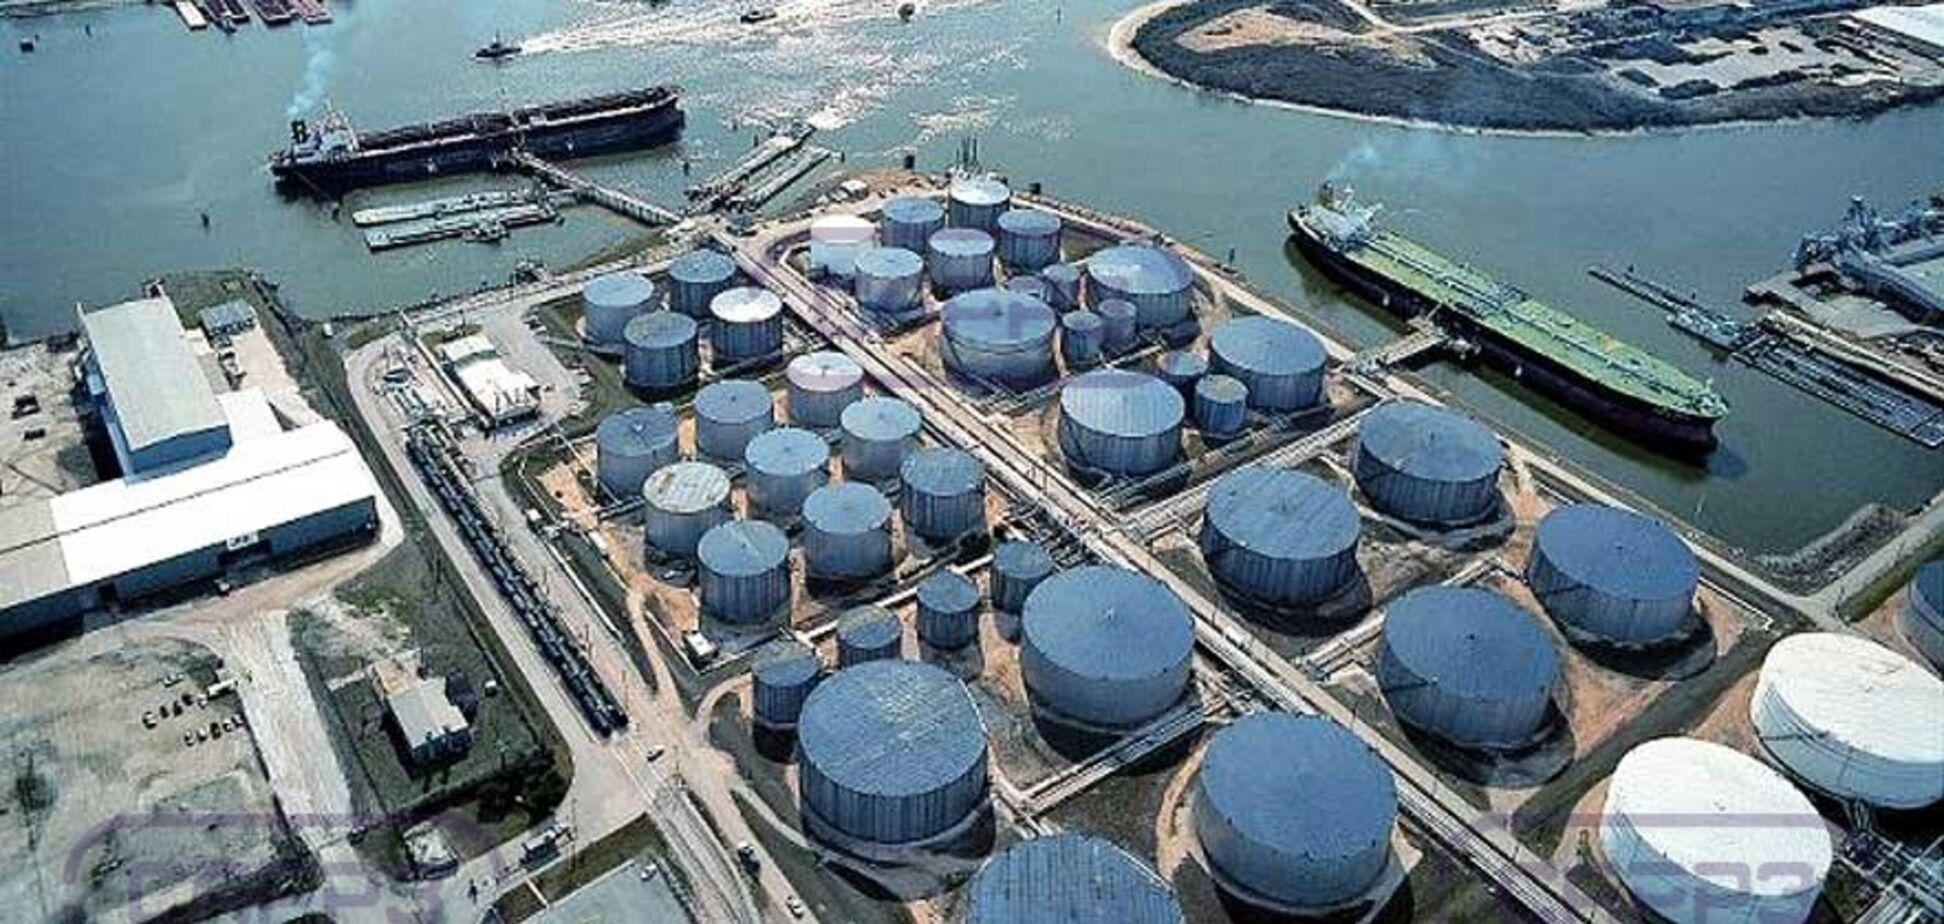 Нафту вже скоро нікуди буде закачувати: сховища забиті на 73%